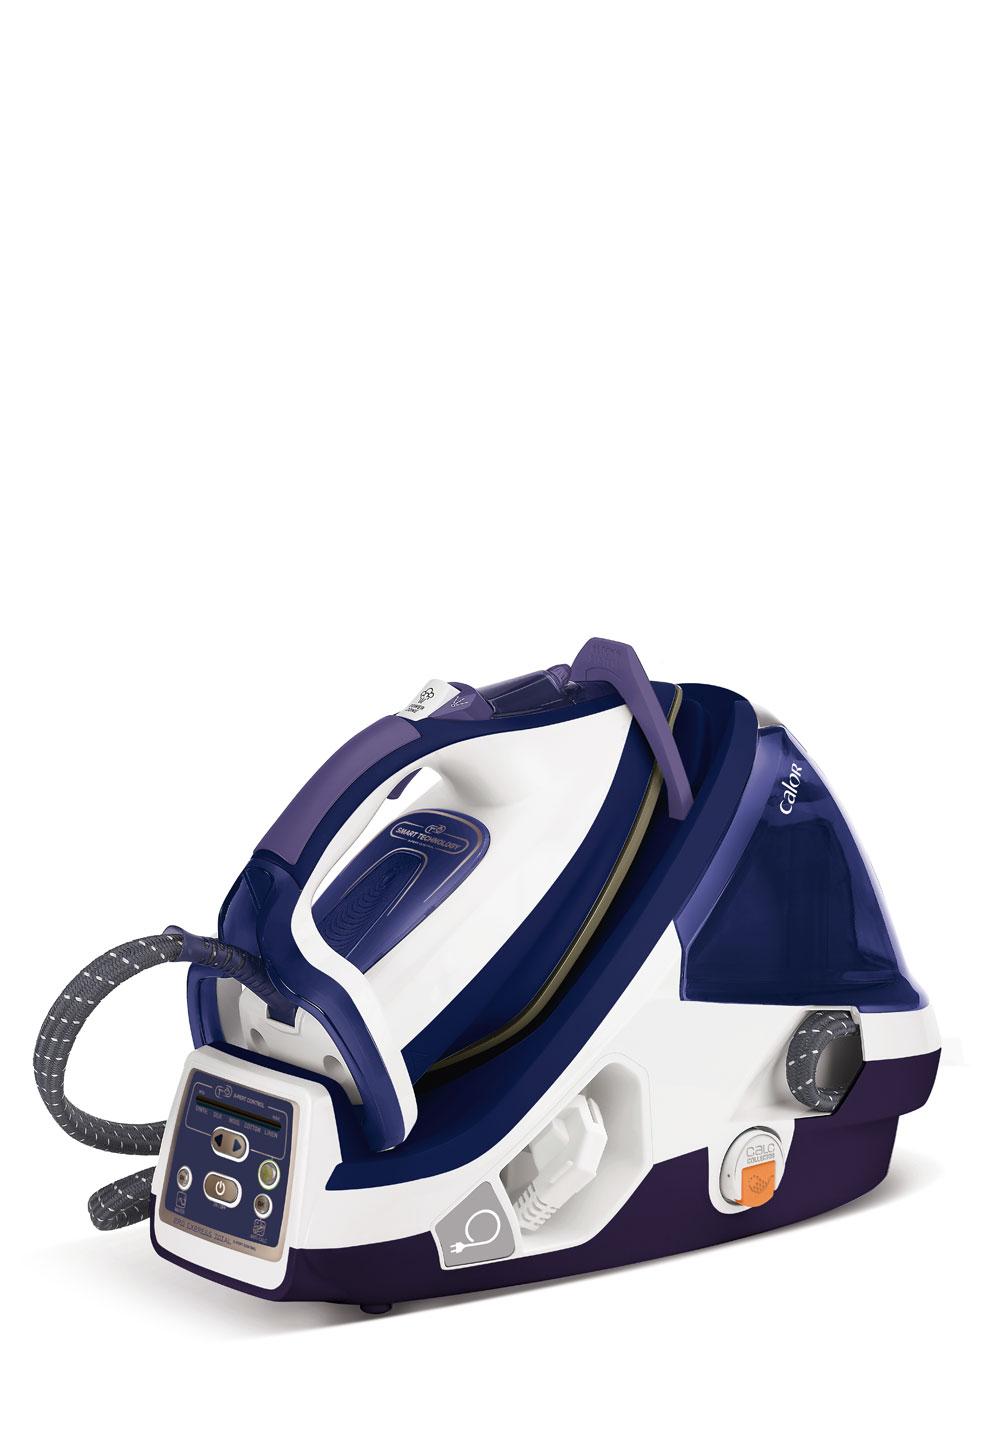 TEFAL Dampfgenerator Pro X-pert Plus GV8977 für 199 € bei Brands4Friends (Neukunden: 184 €)